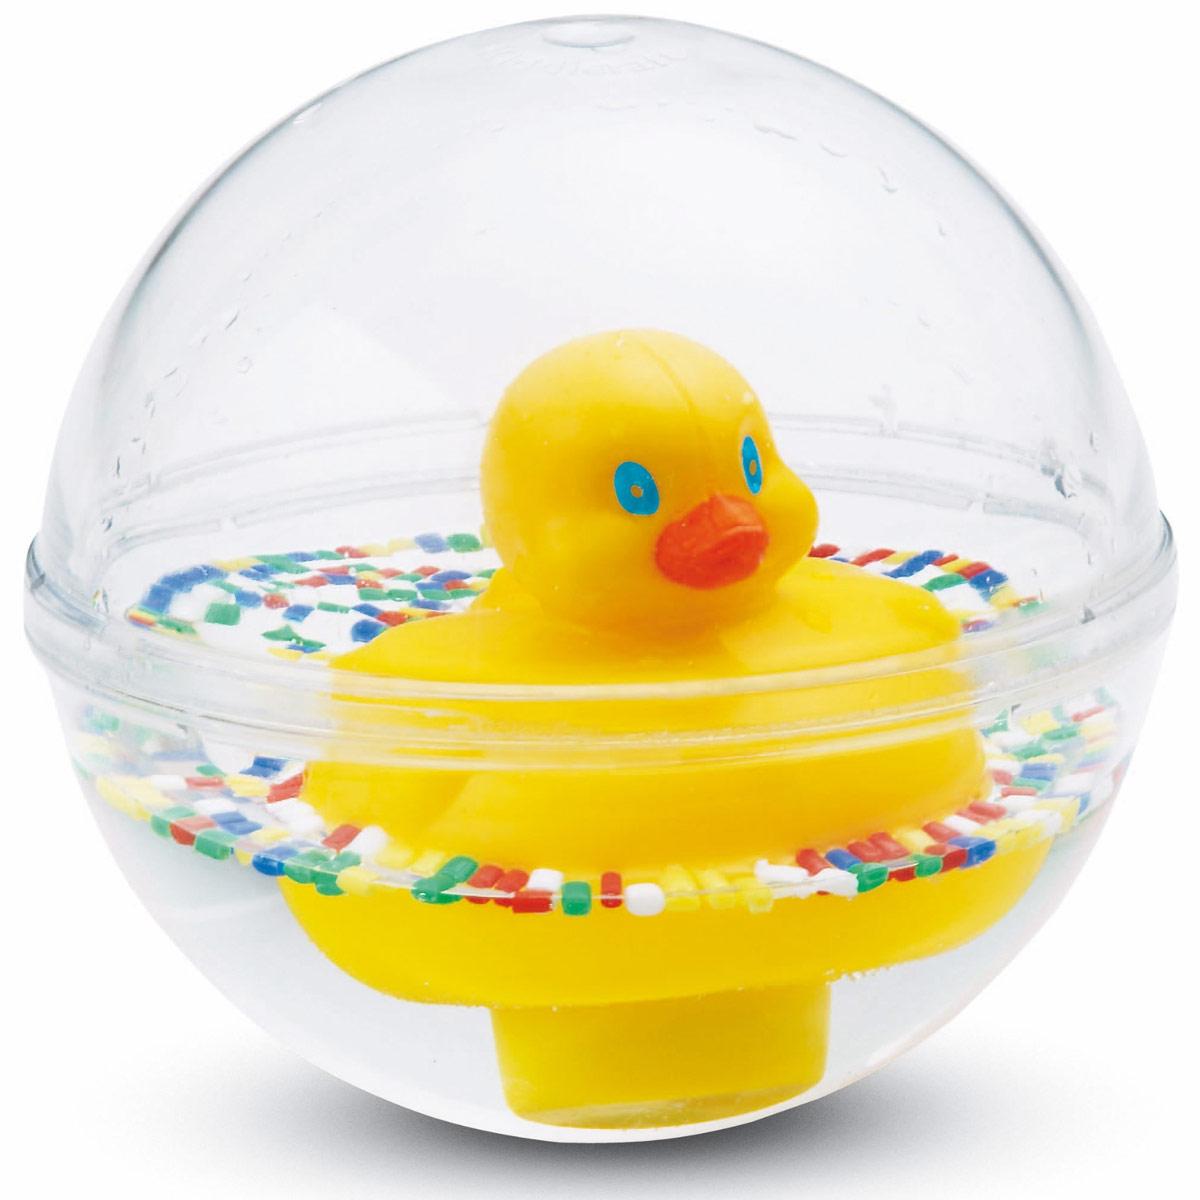 Fisher-Price Игрушка Шар с плавающей уточкой75676Игрушка Fisher-Price Шар с плавающей уточкой надолго займет внимание вашего крохи. Она выполнена в виде прозрачного шара с милым утенком внутри, плавающим в окружении цветных бусин. Когда шарик катится, утенок начинает качаться на волнах. С такой игрушкой можно играть как в воде, так и на полу. Малыш может крутить, переворачивать шар вверх дном, катать и бросать его, а плавающая уточка будет стойко держаться на воде и никогда не перевернется. Игрушка стимулирует малышей к активным движениям, развивает мелкую моторику.